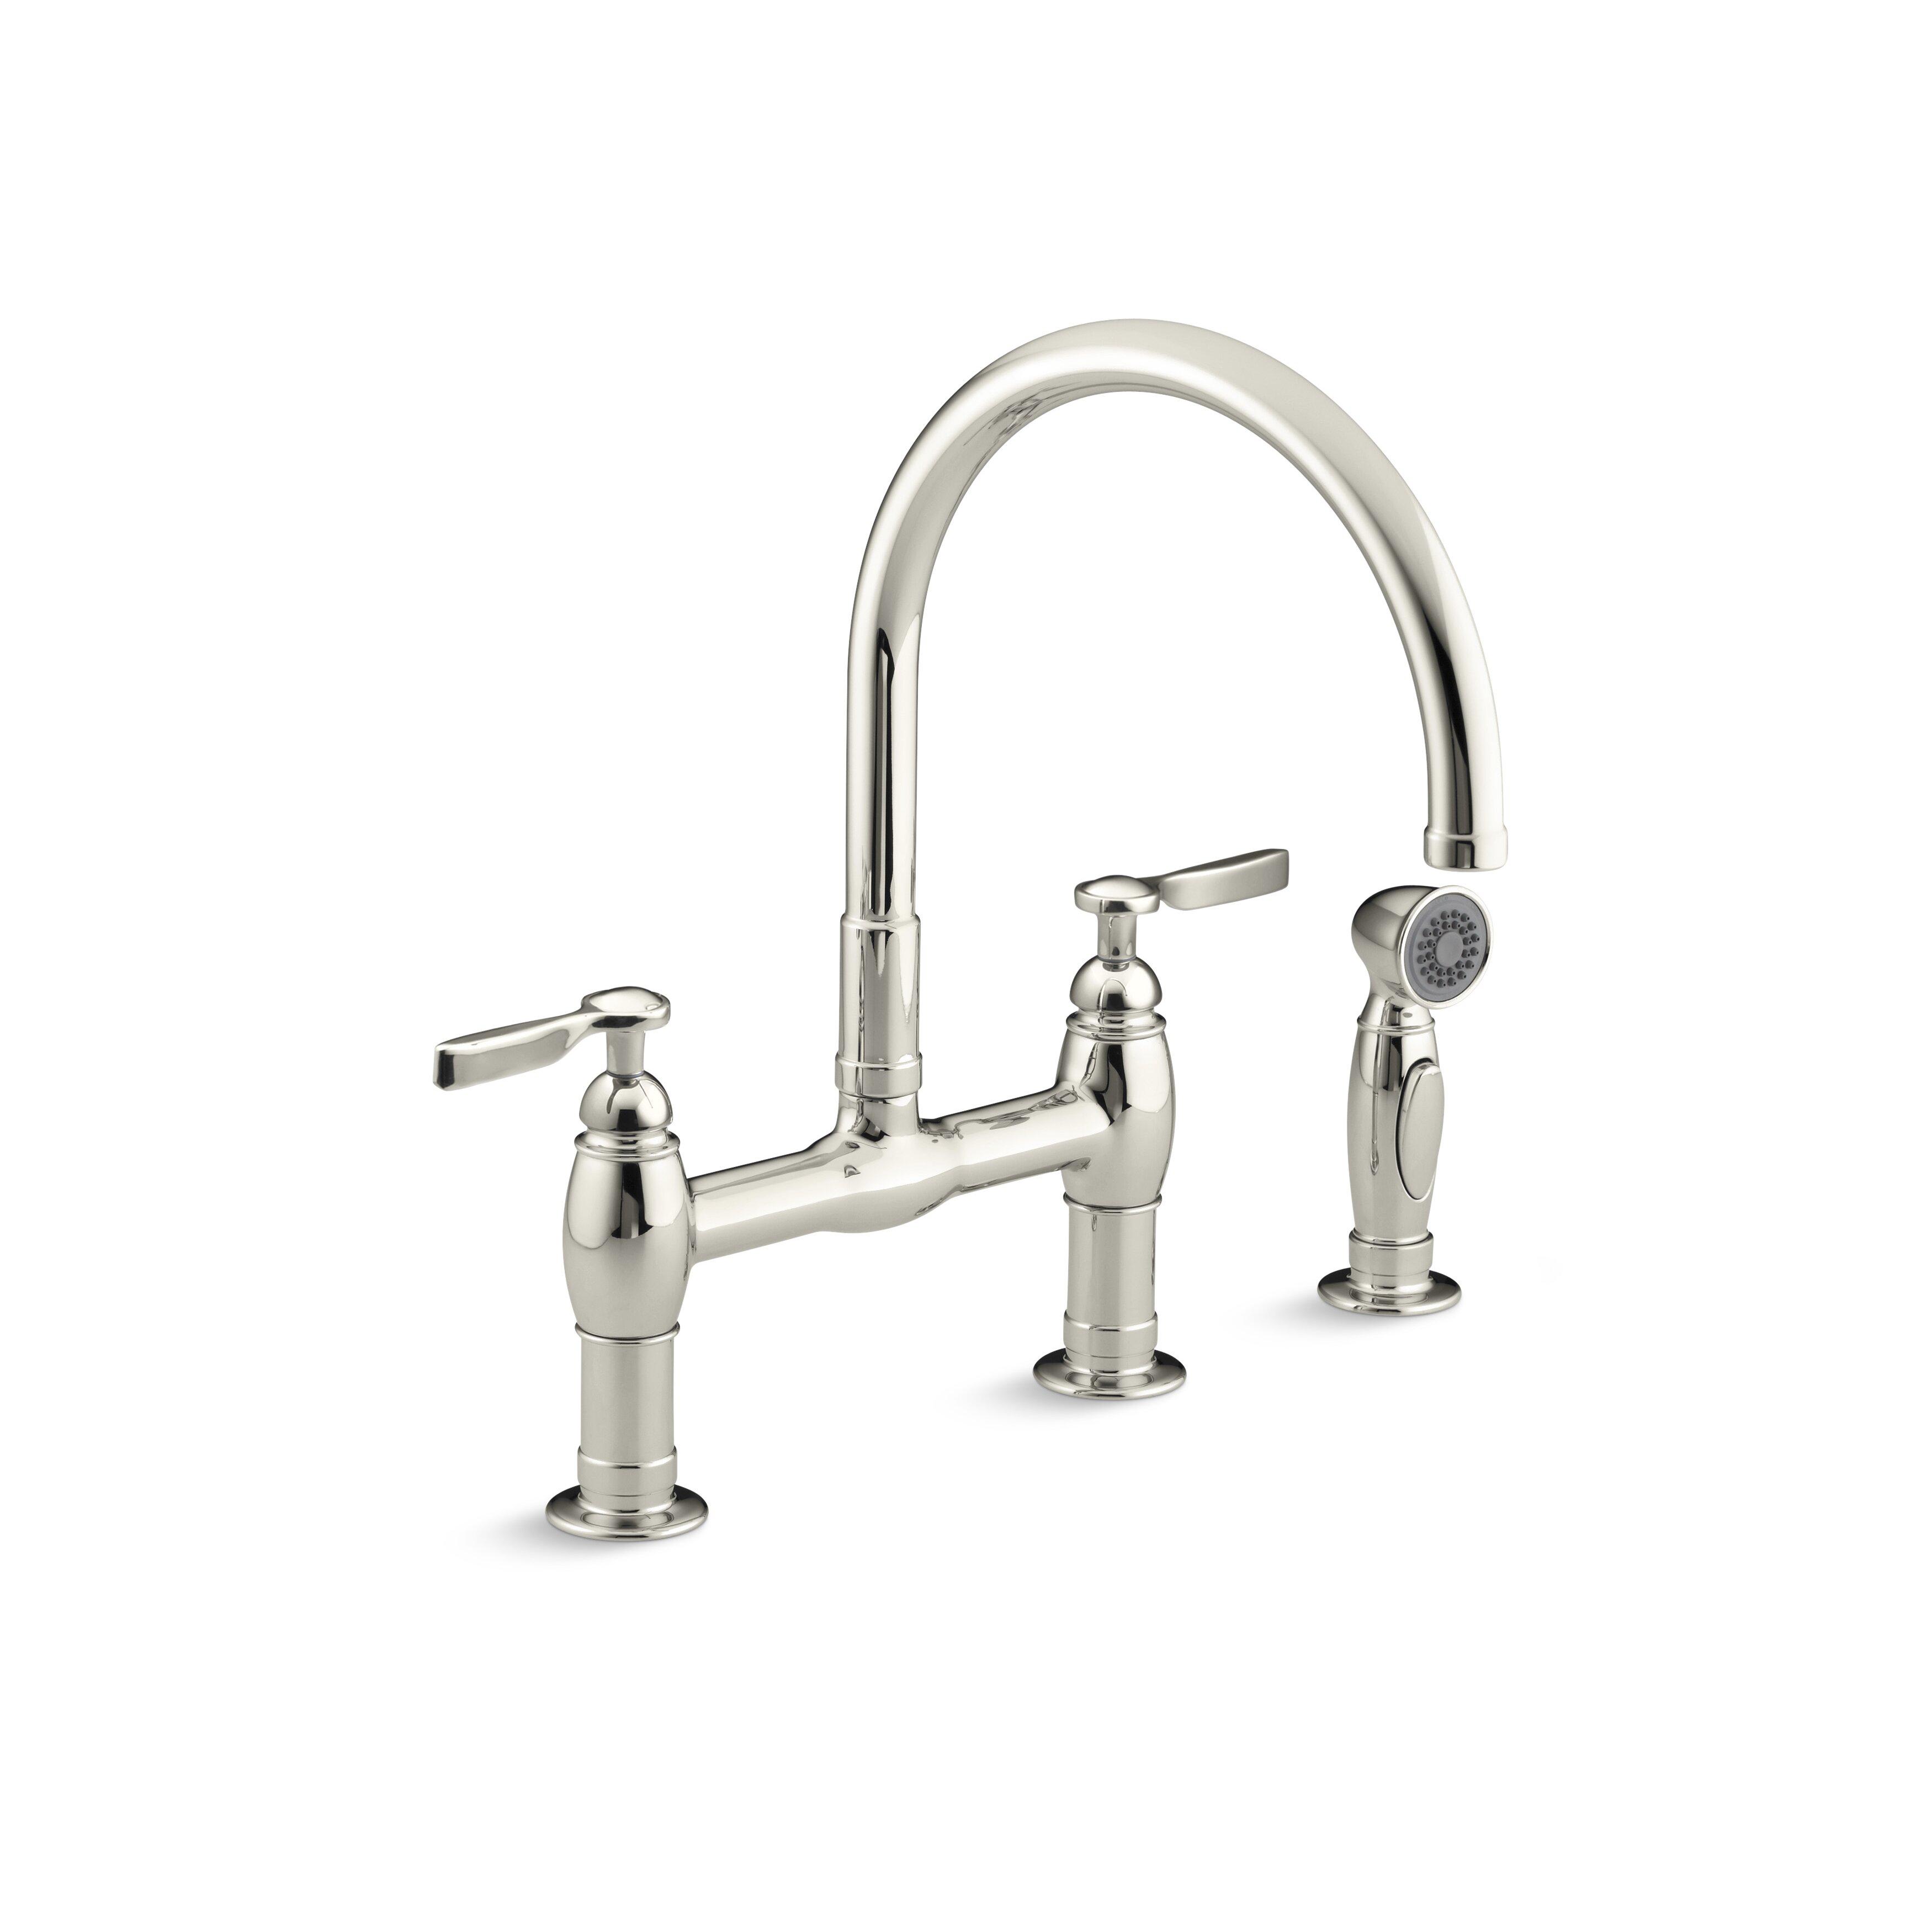 kohler parq two hole deck mount bridge kitchen sink faucet how to remove the spout on a kohler gooseneck faucet diy